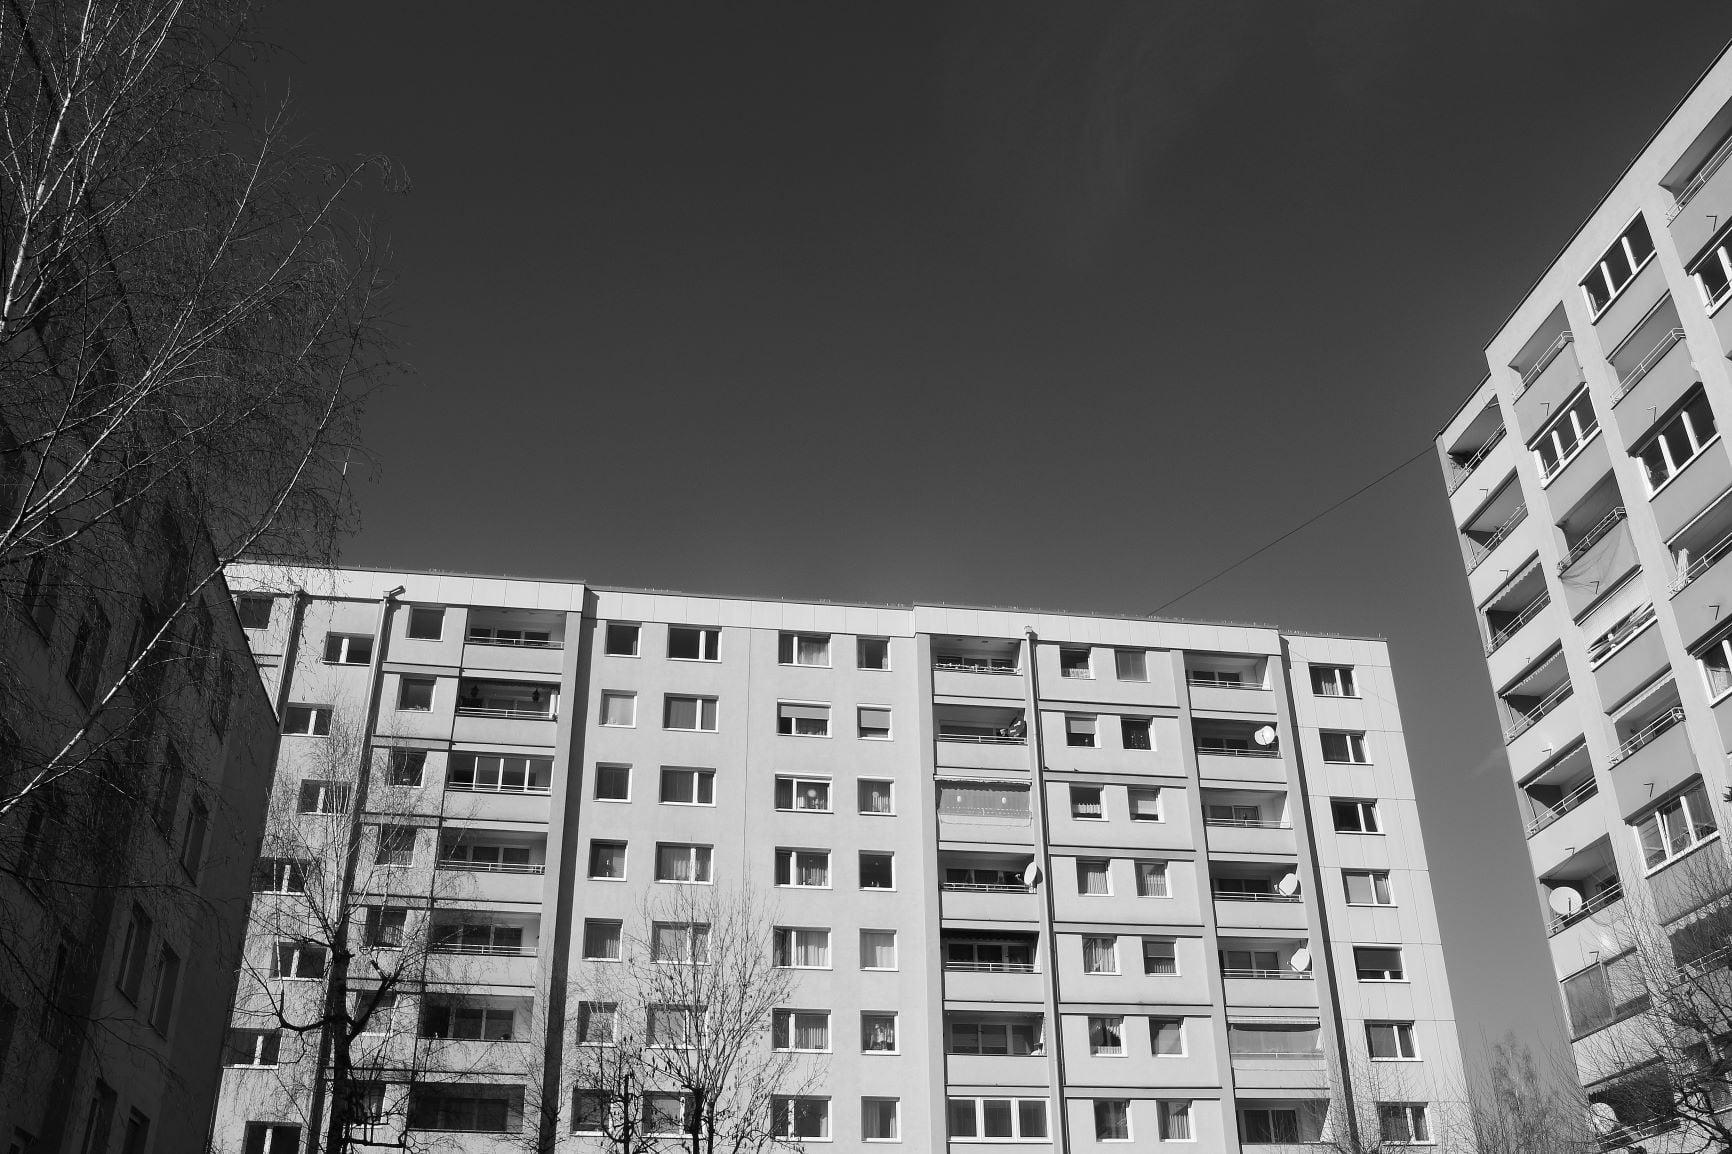 Simbolna fotografija večstanovanjske stavbe.